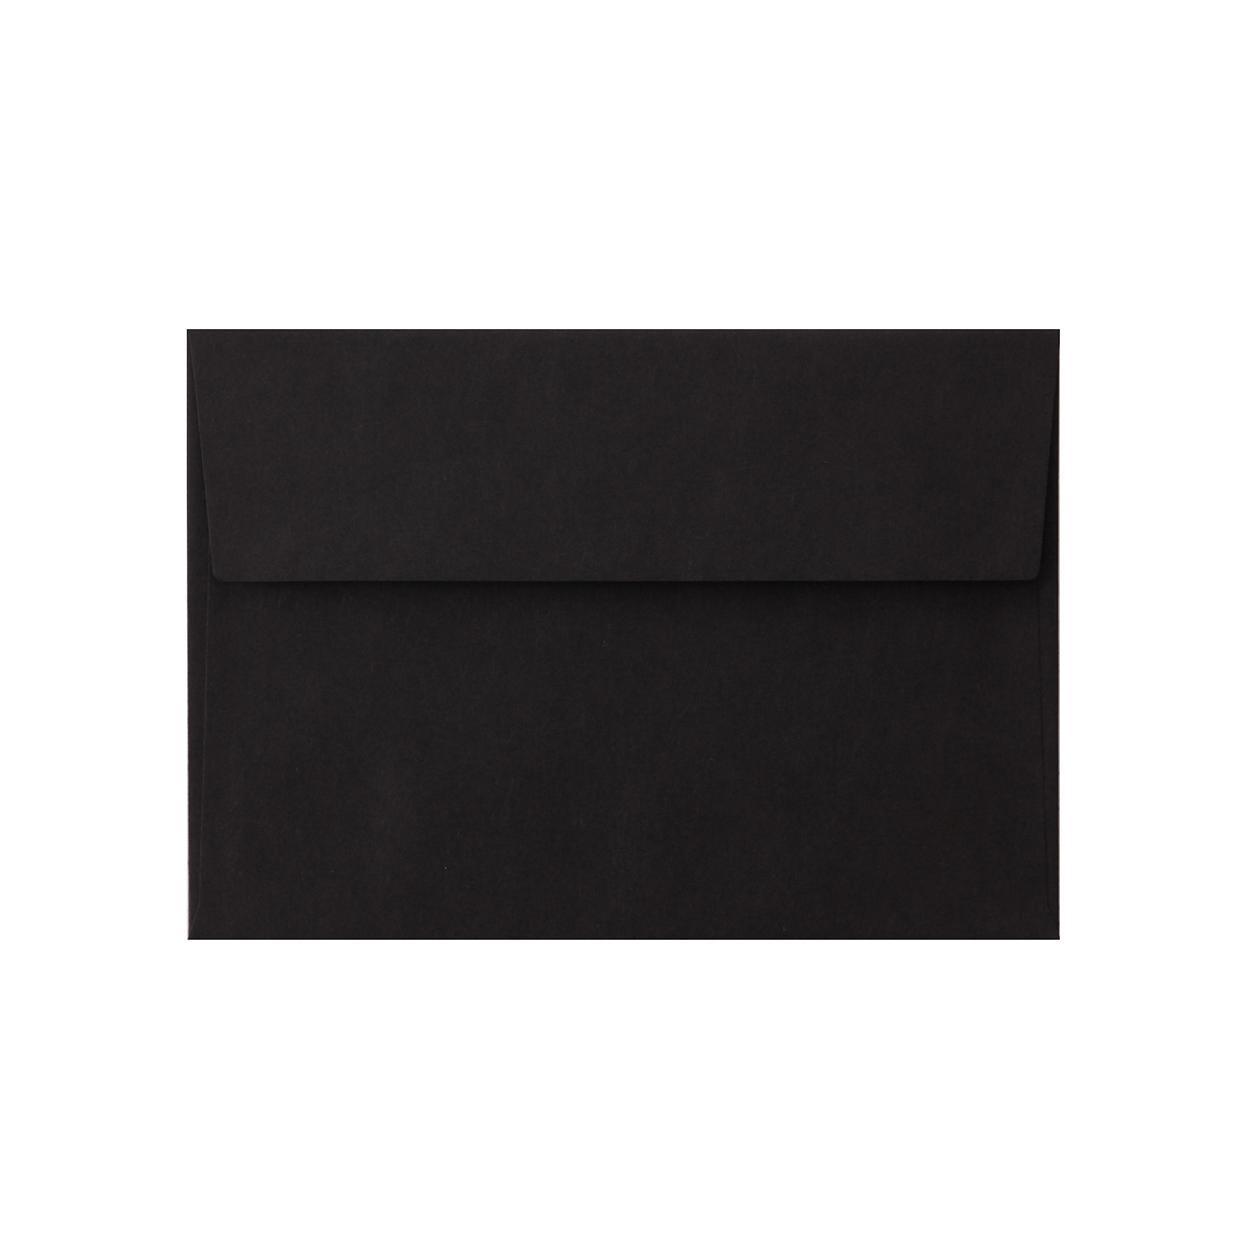 洋2カマス封筒 コニーカラー ブラック 85g